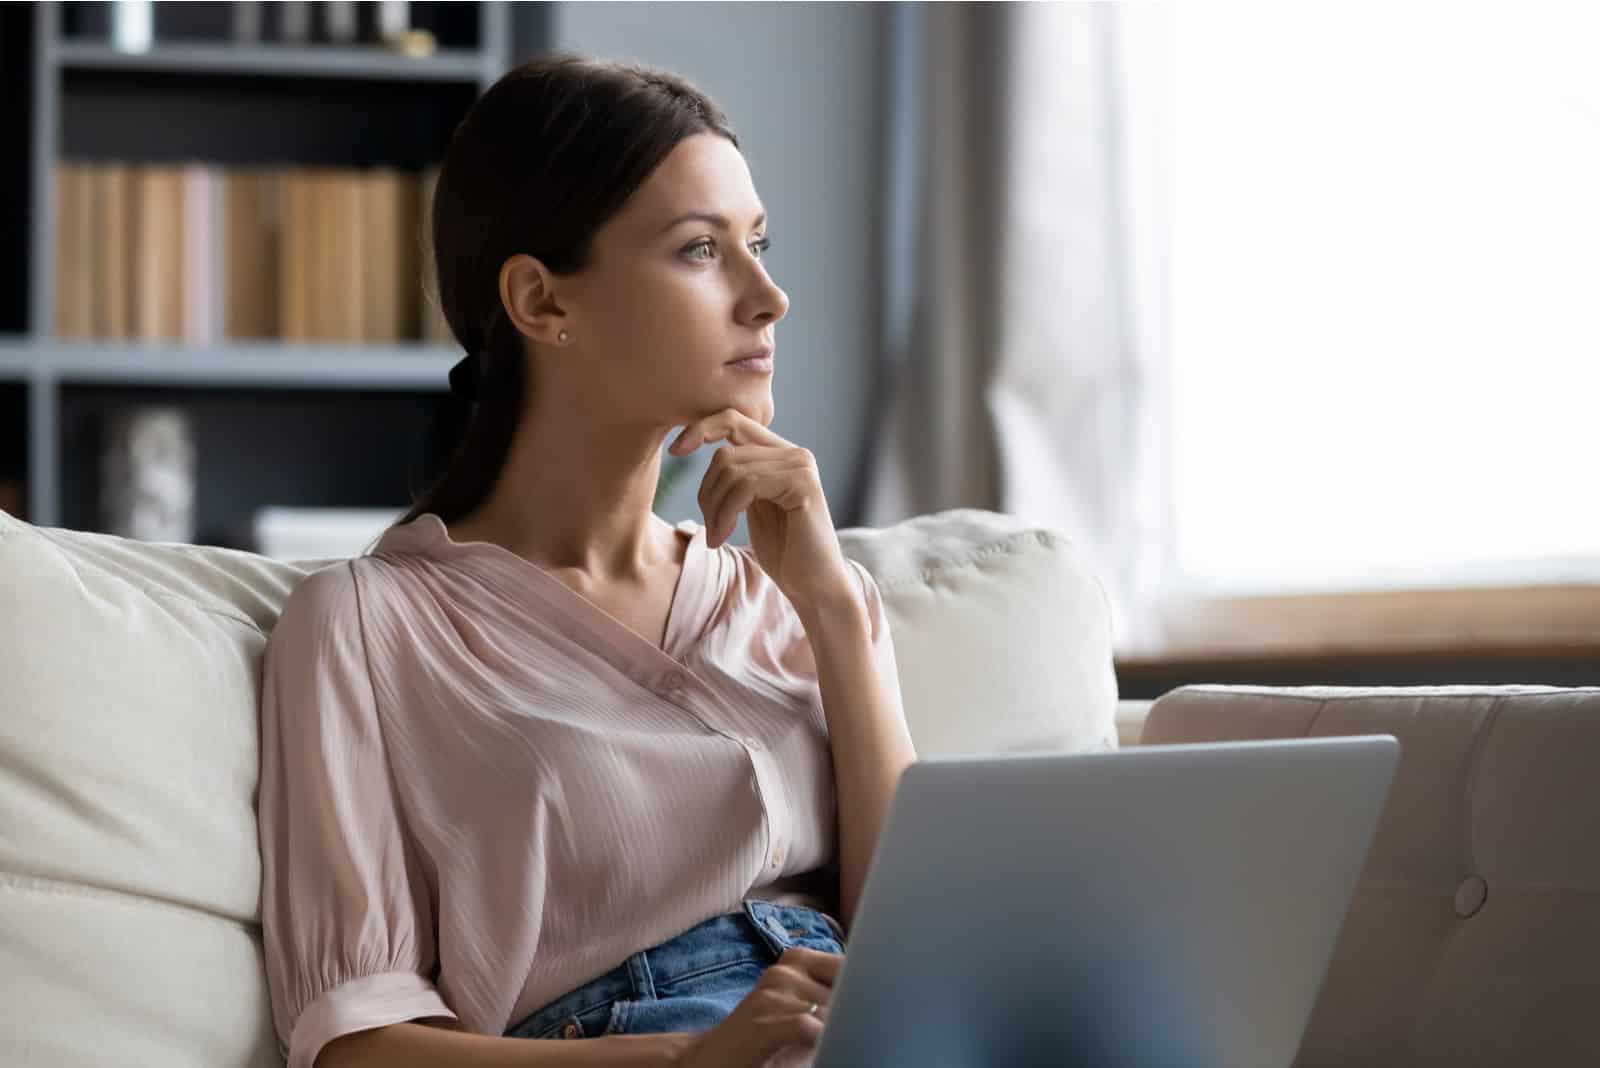 eine imaginäre Frau, die hinter einem Laptop auf der Couch sitzt